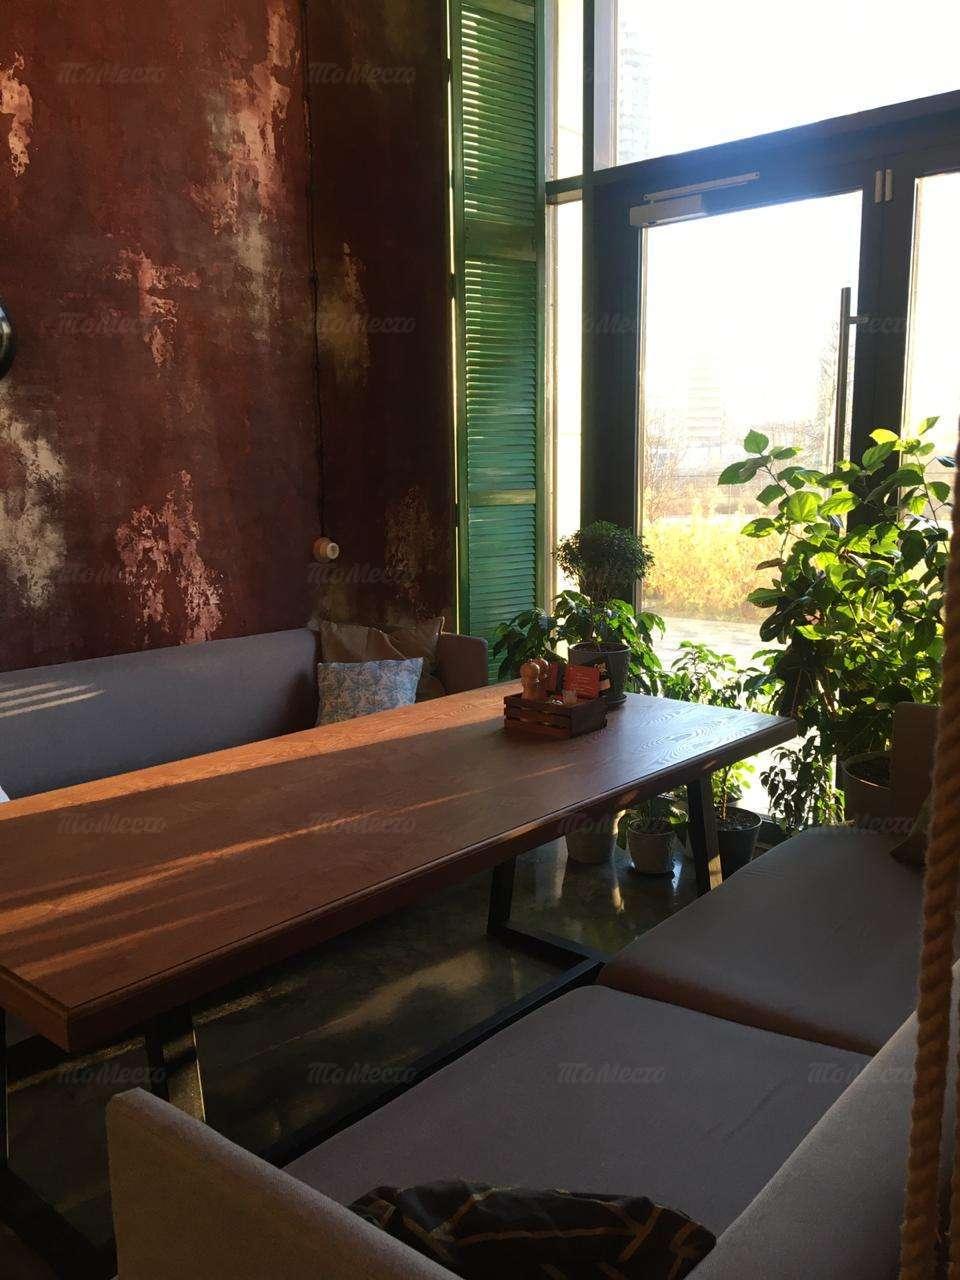 Ресторан Гиви to me (Гиви ту ми) на улице Ткачей фото 4